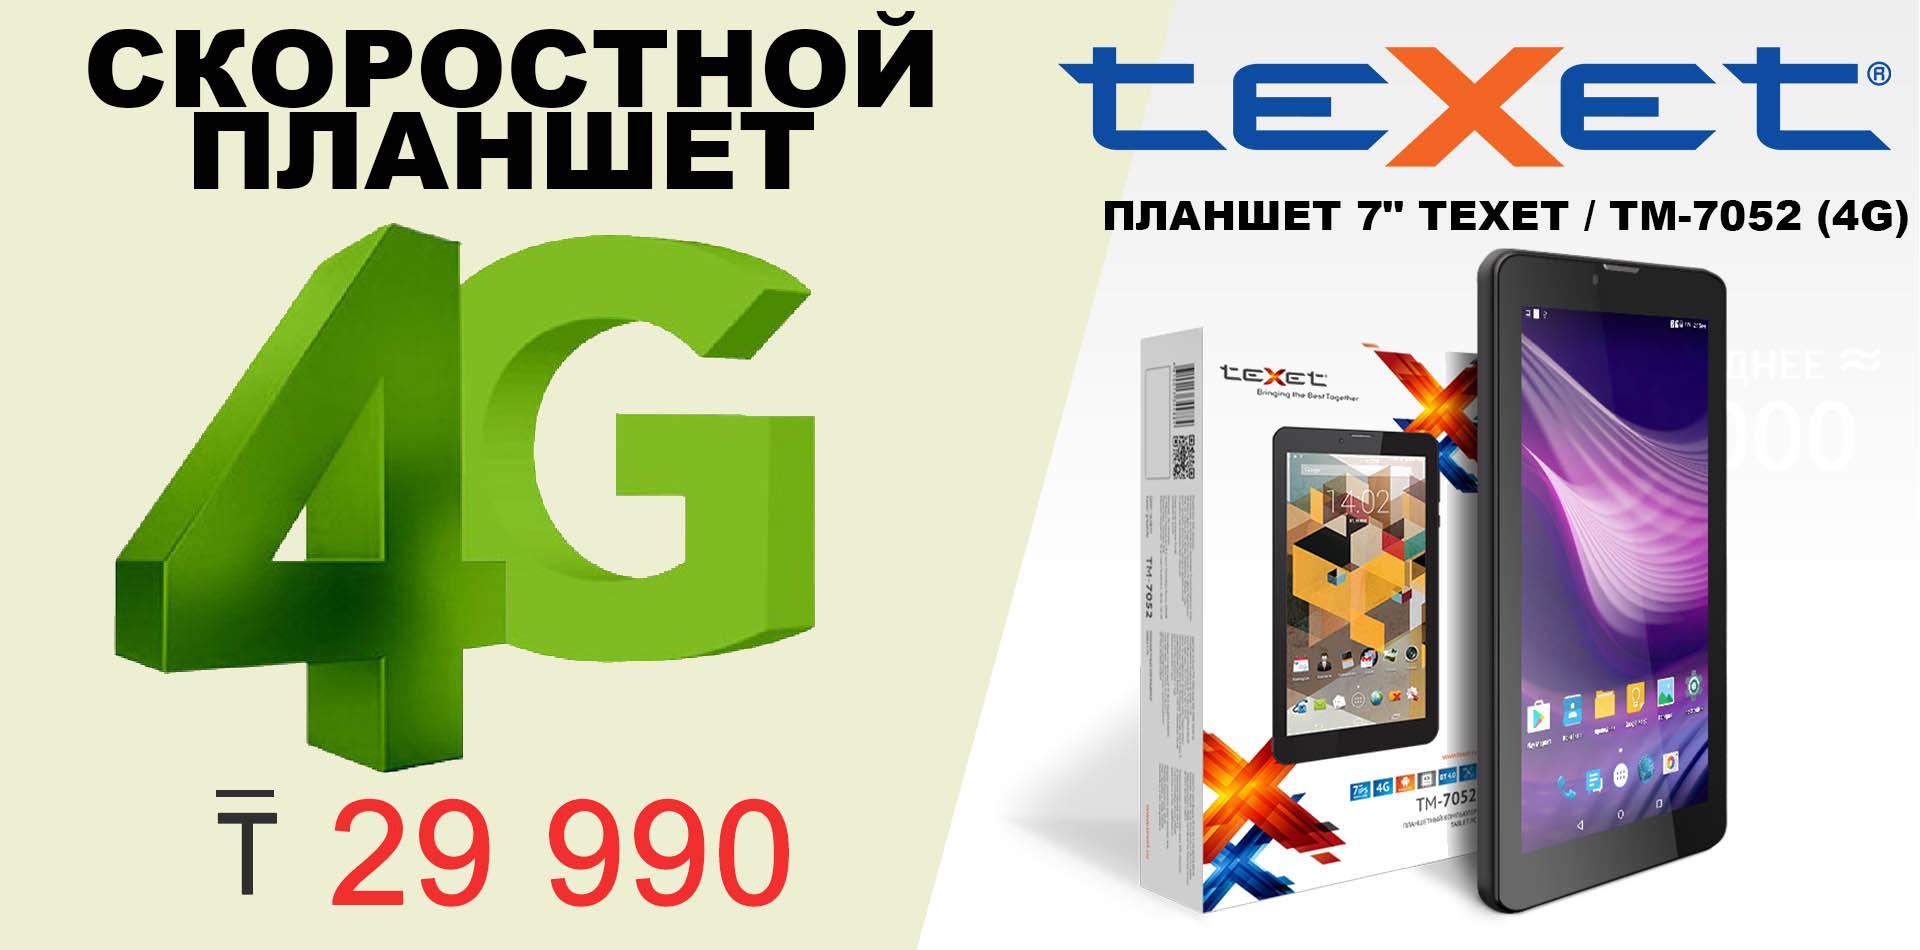 ПЛАНШЕТ TEXET TM-7052 4G